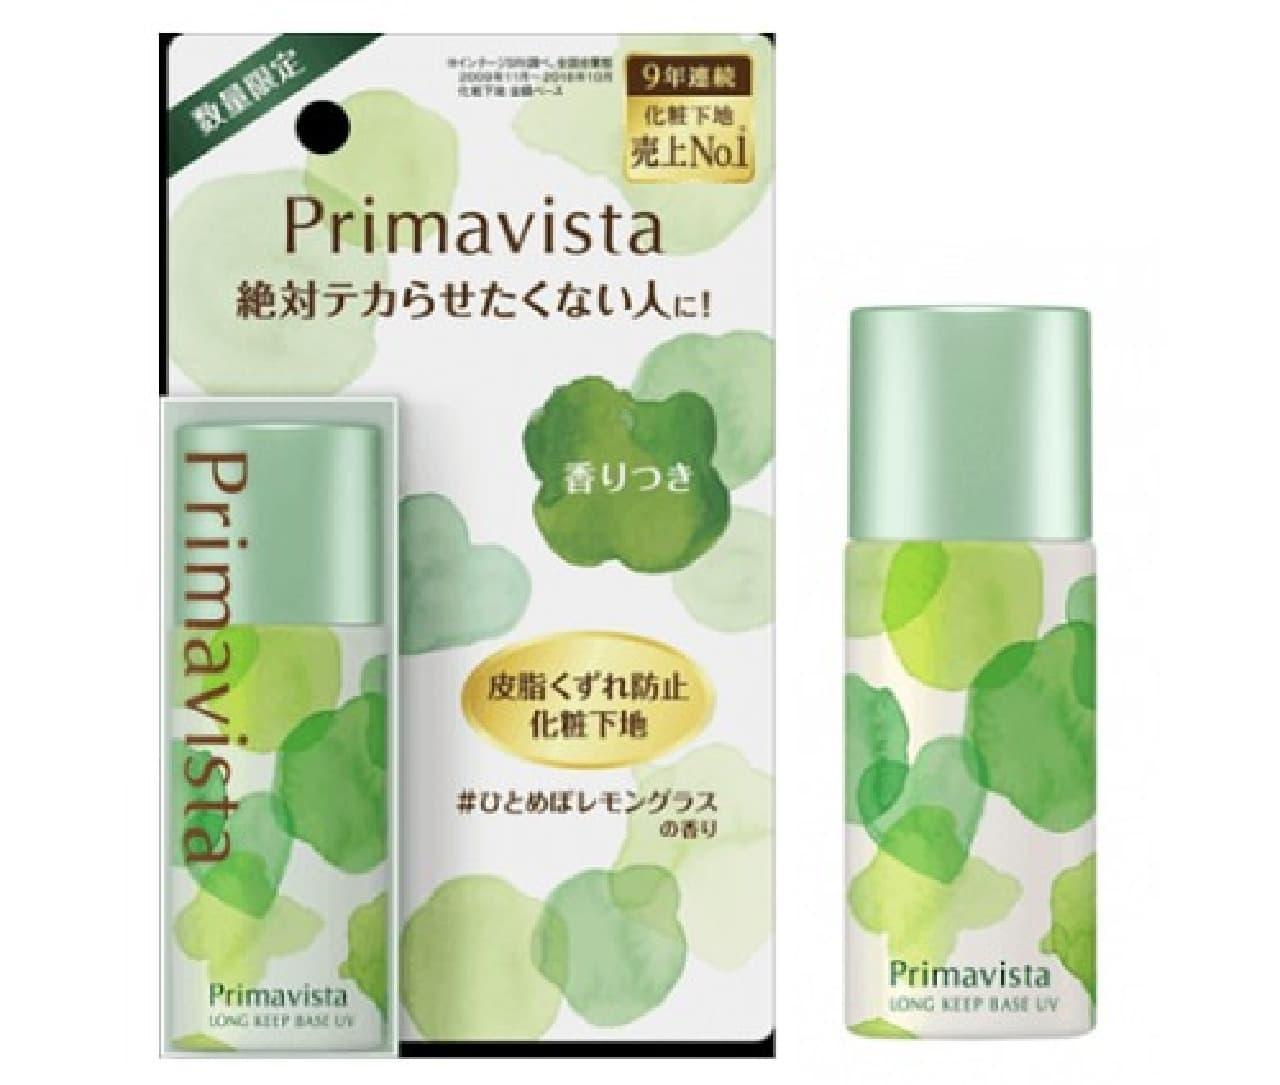 ソフィーナ プリマヴィスタ 皮脂くずれ防止化粧下地 レモングラスの香り